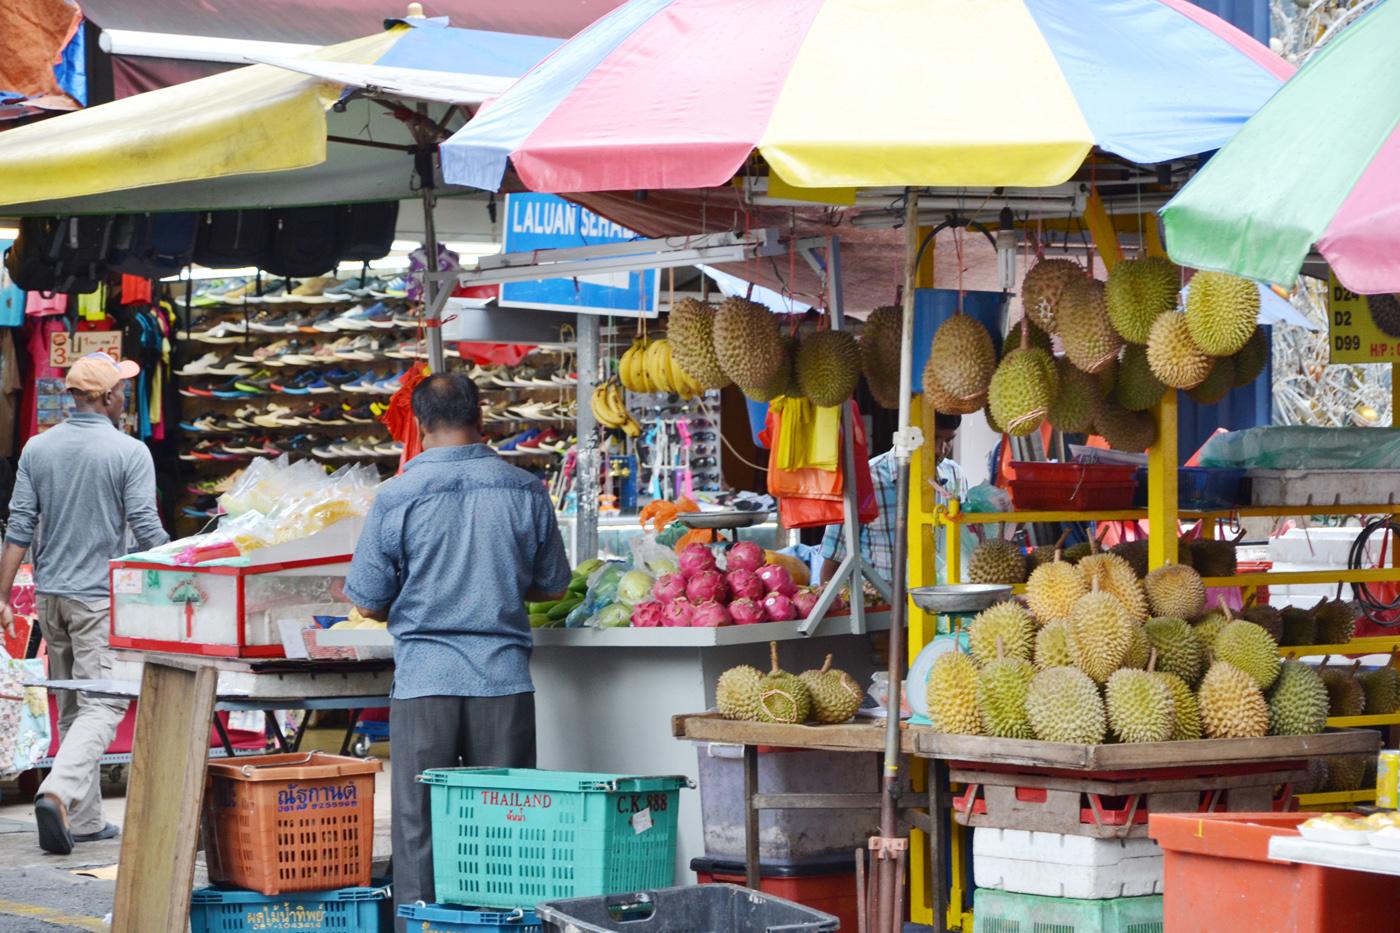 What-to-do-in-Kuala-Lumpur-gucki-market-fruits